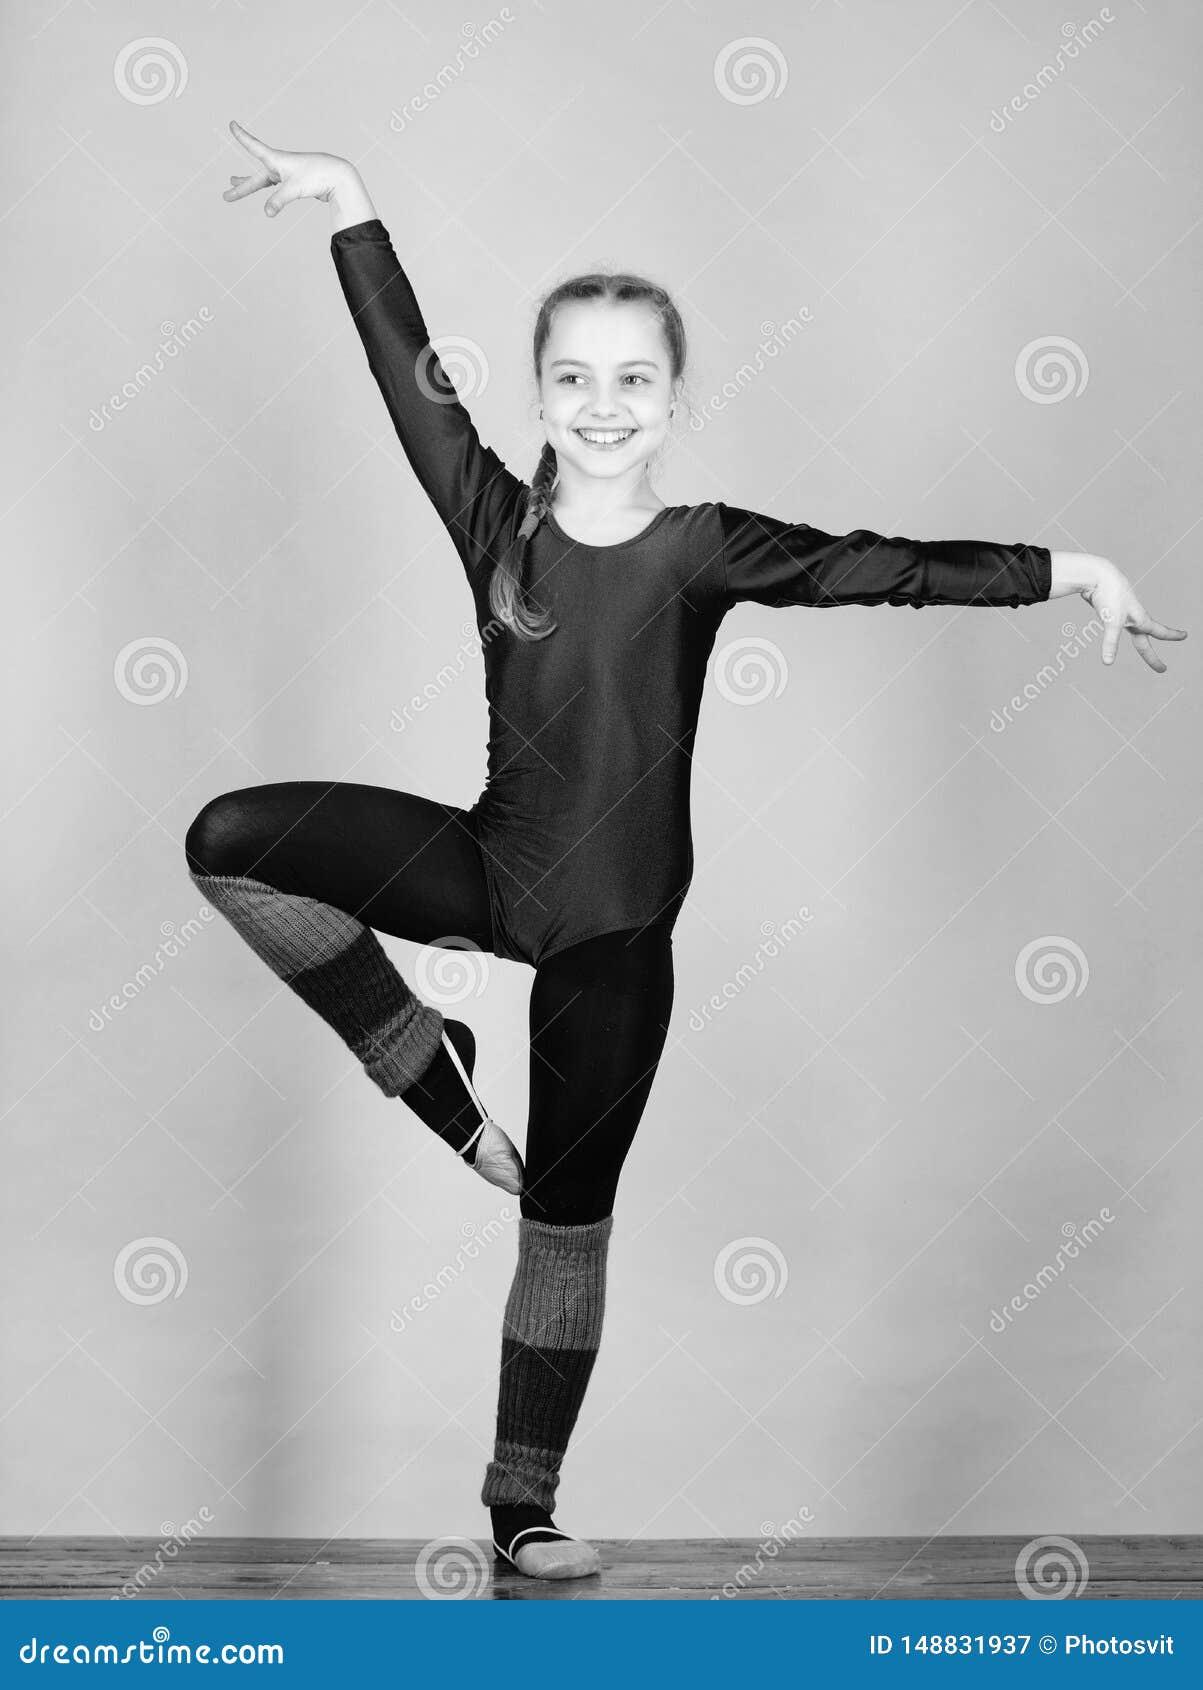 Balance sua vida Ilustra??o do bailado dancer gymnastics Desportista feliz da crian?a Esporte e sa?de Exerc?cio do gym da acrobac